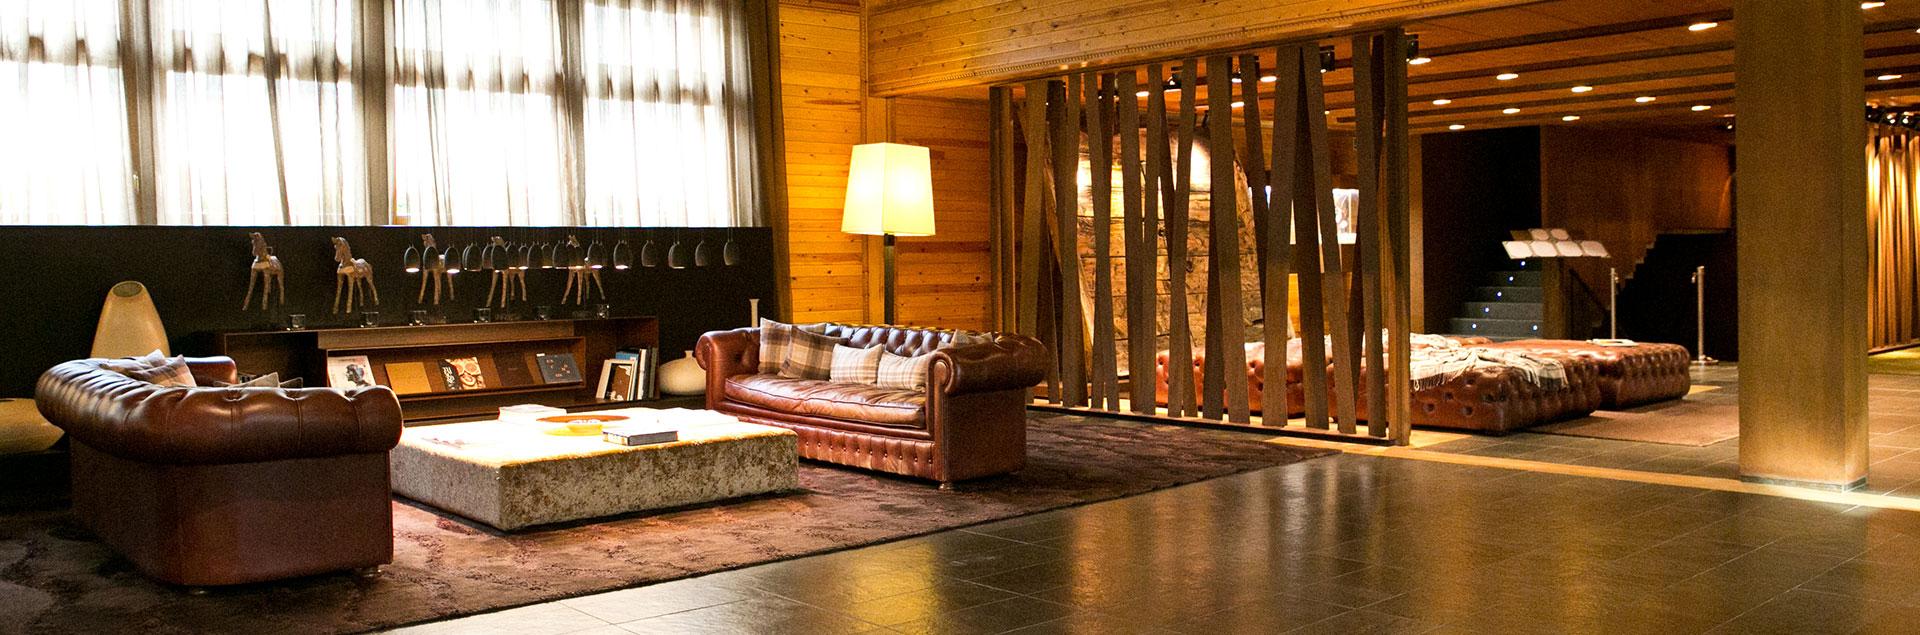 Sport hotel hermitage spa 5 soldeu andorra oficial web - Sport hotel hermitage and spa ...